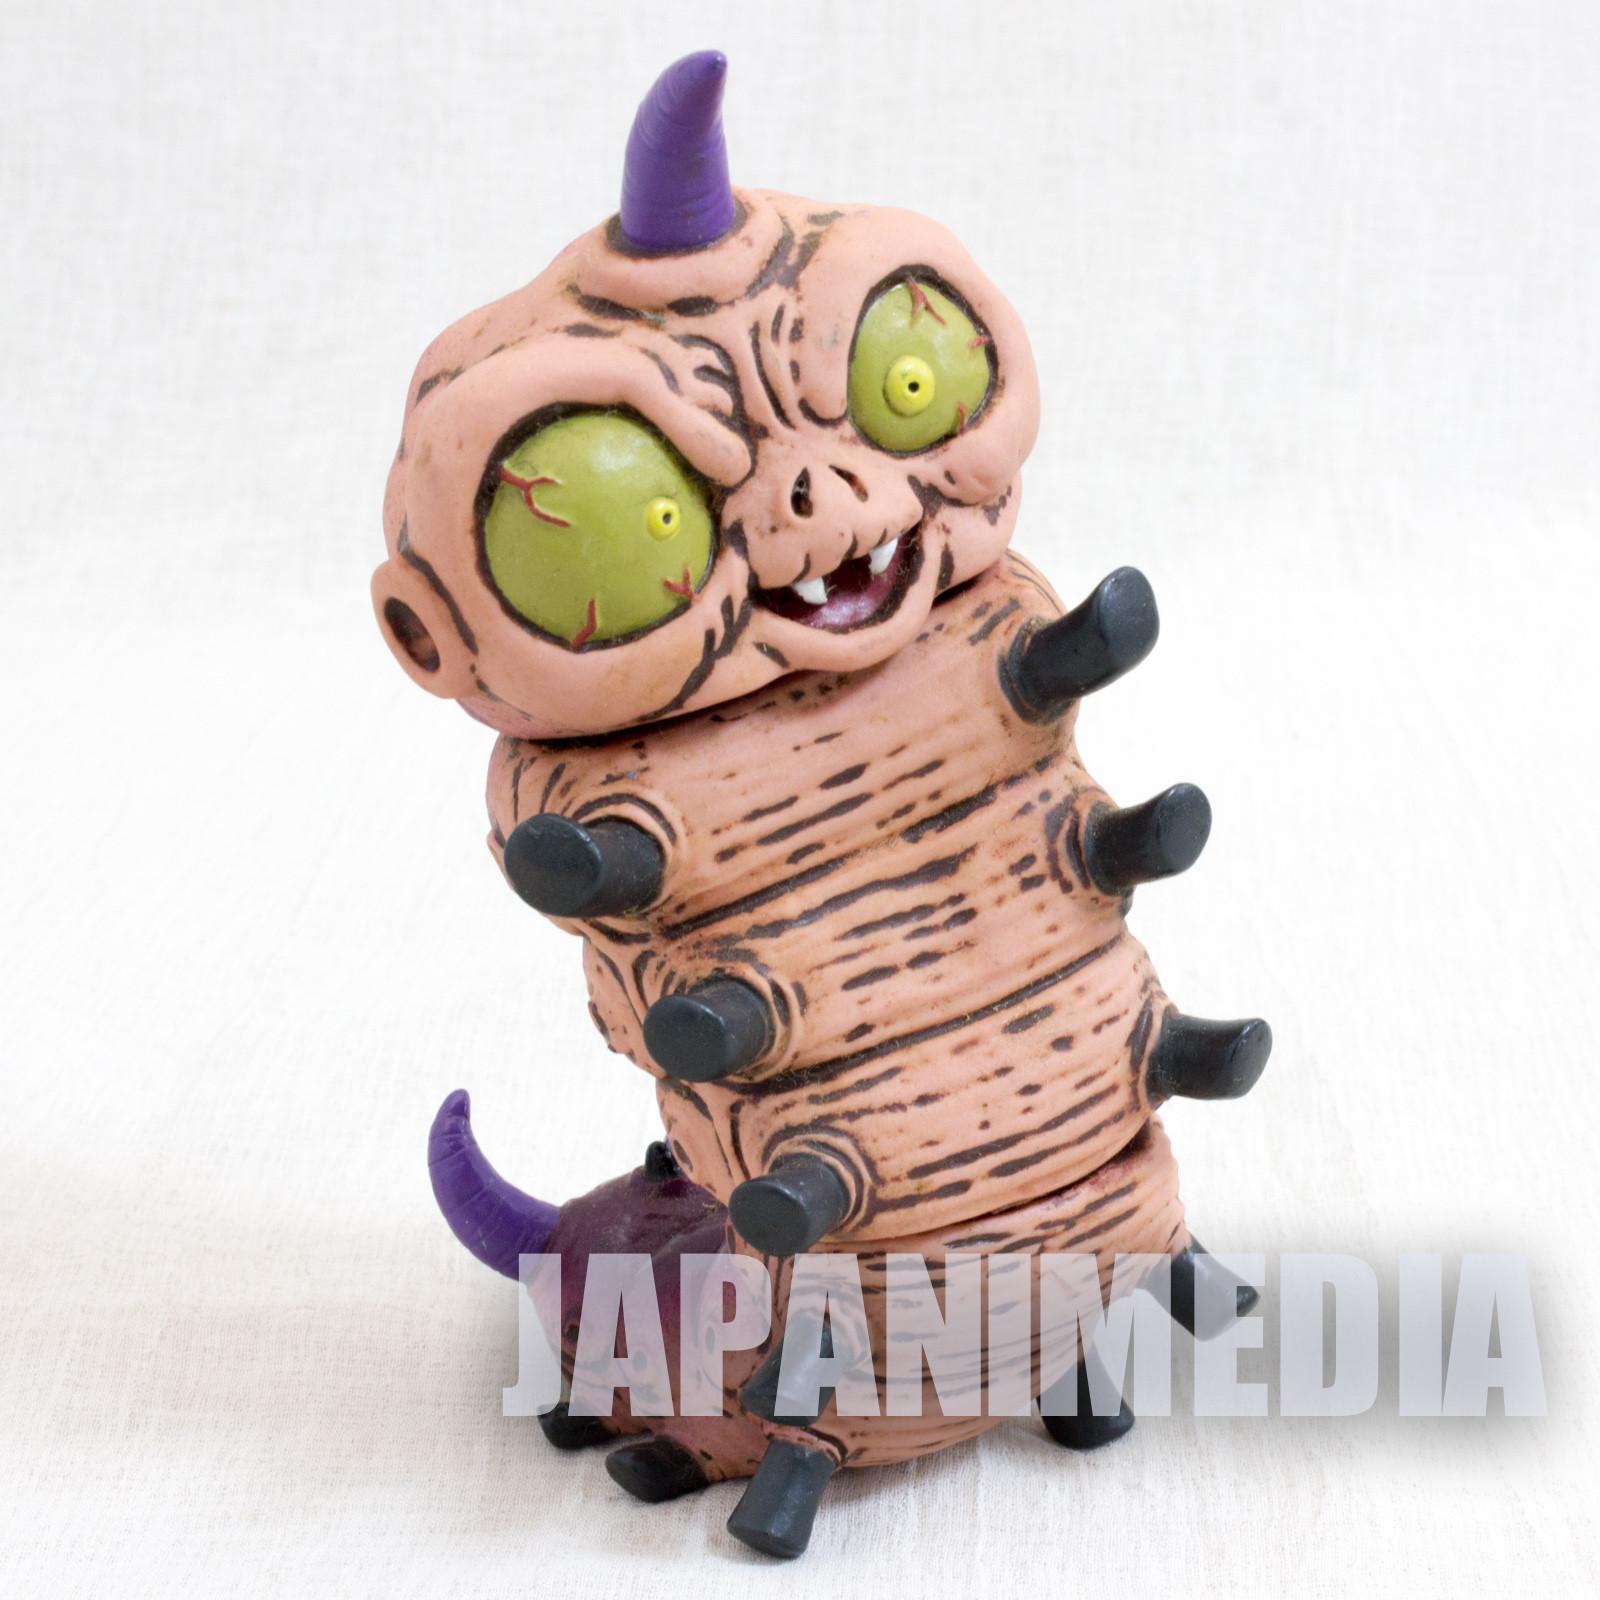 RARE! Dokumushi Kozou Soft Vinyl Figure Hideshi Hino Planet Toys JAPAN MANGA